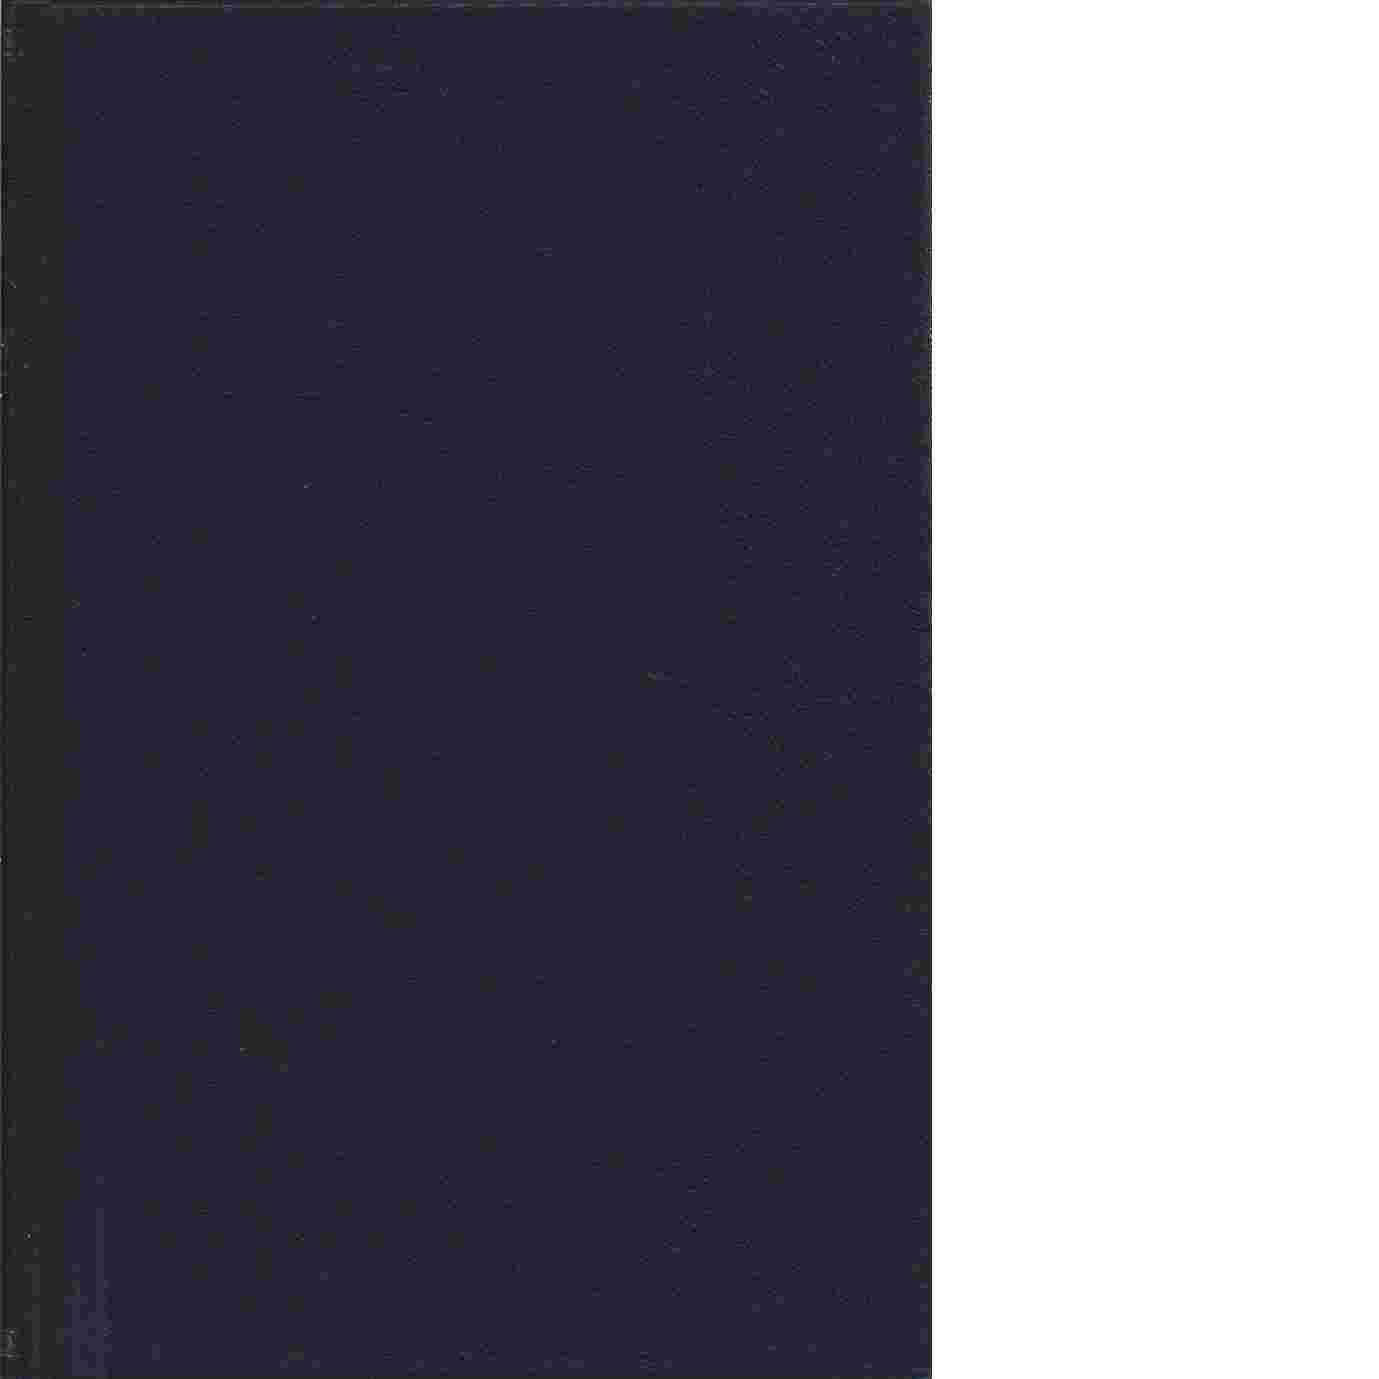 Karolinska förbundets årsbok  1928  1929 - Karolinska förbundet